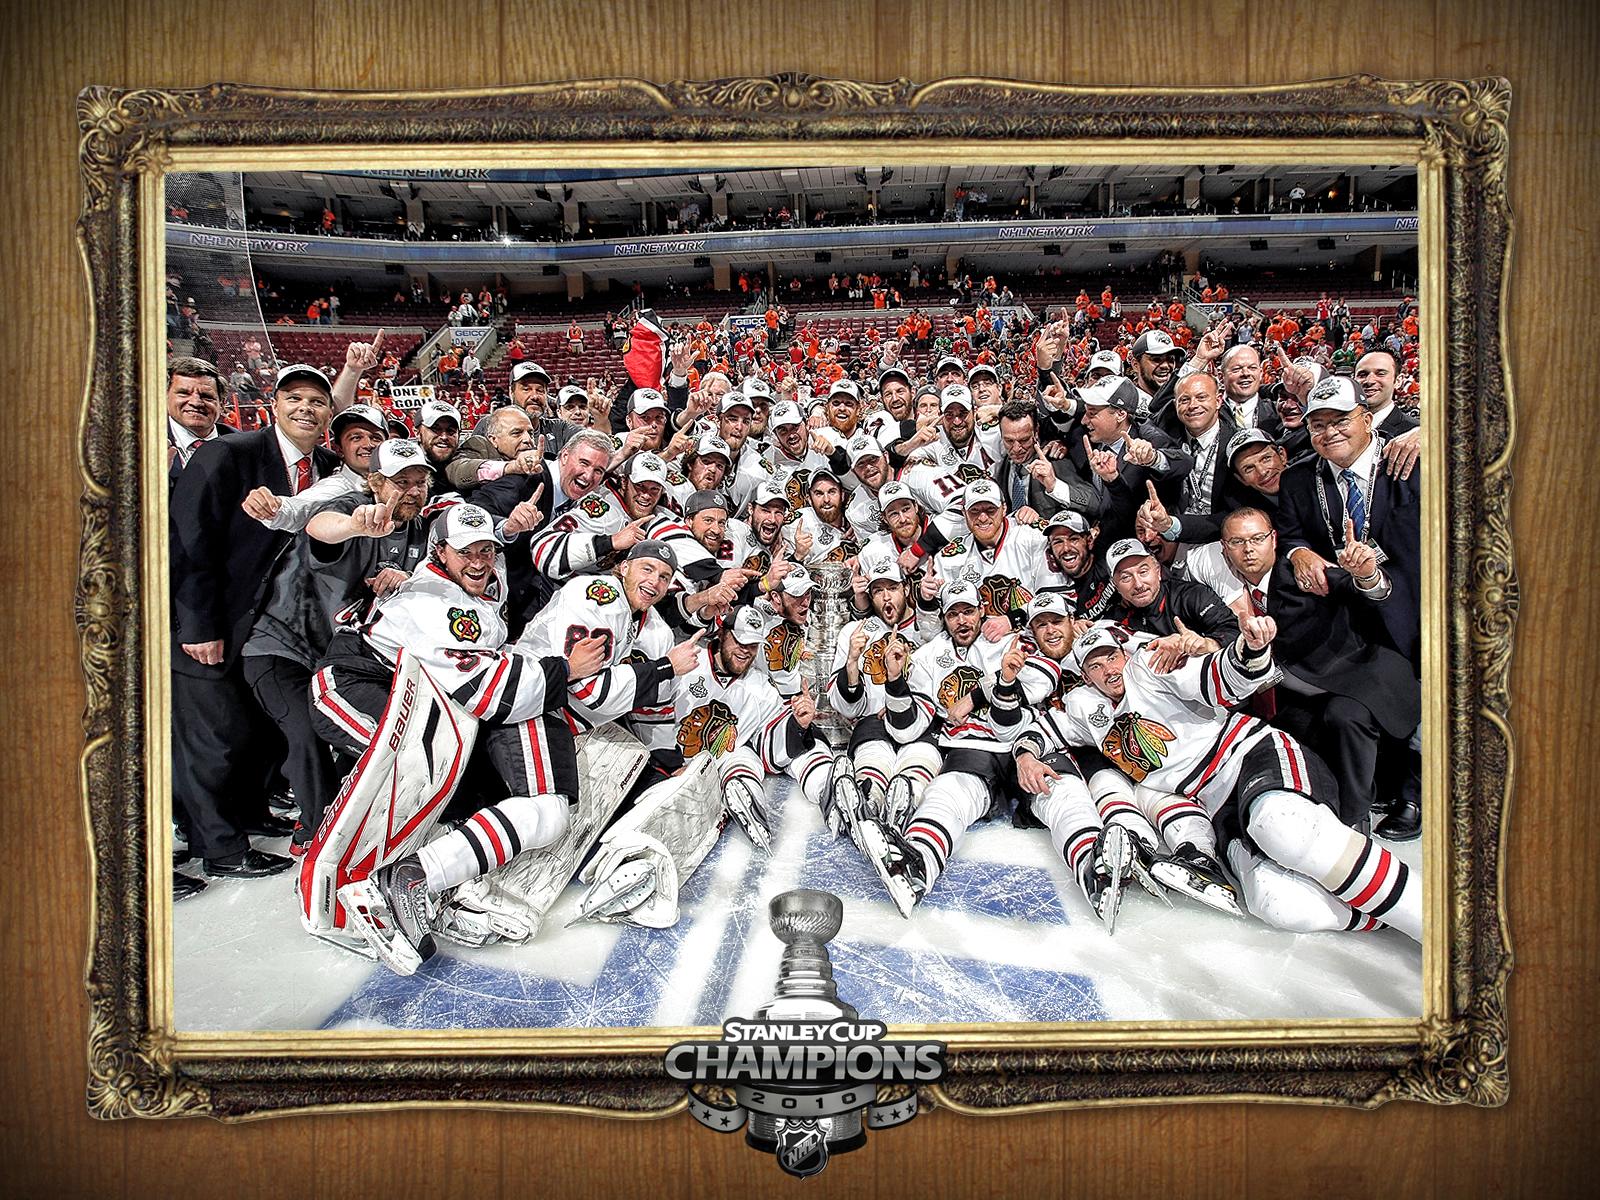 Хоккейная команда, фото на память, хоккей, обои для рабочего стола